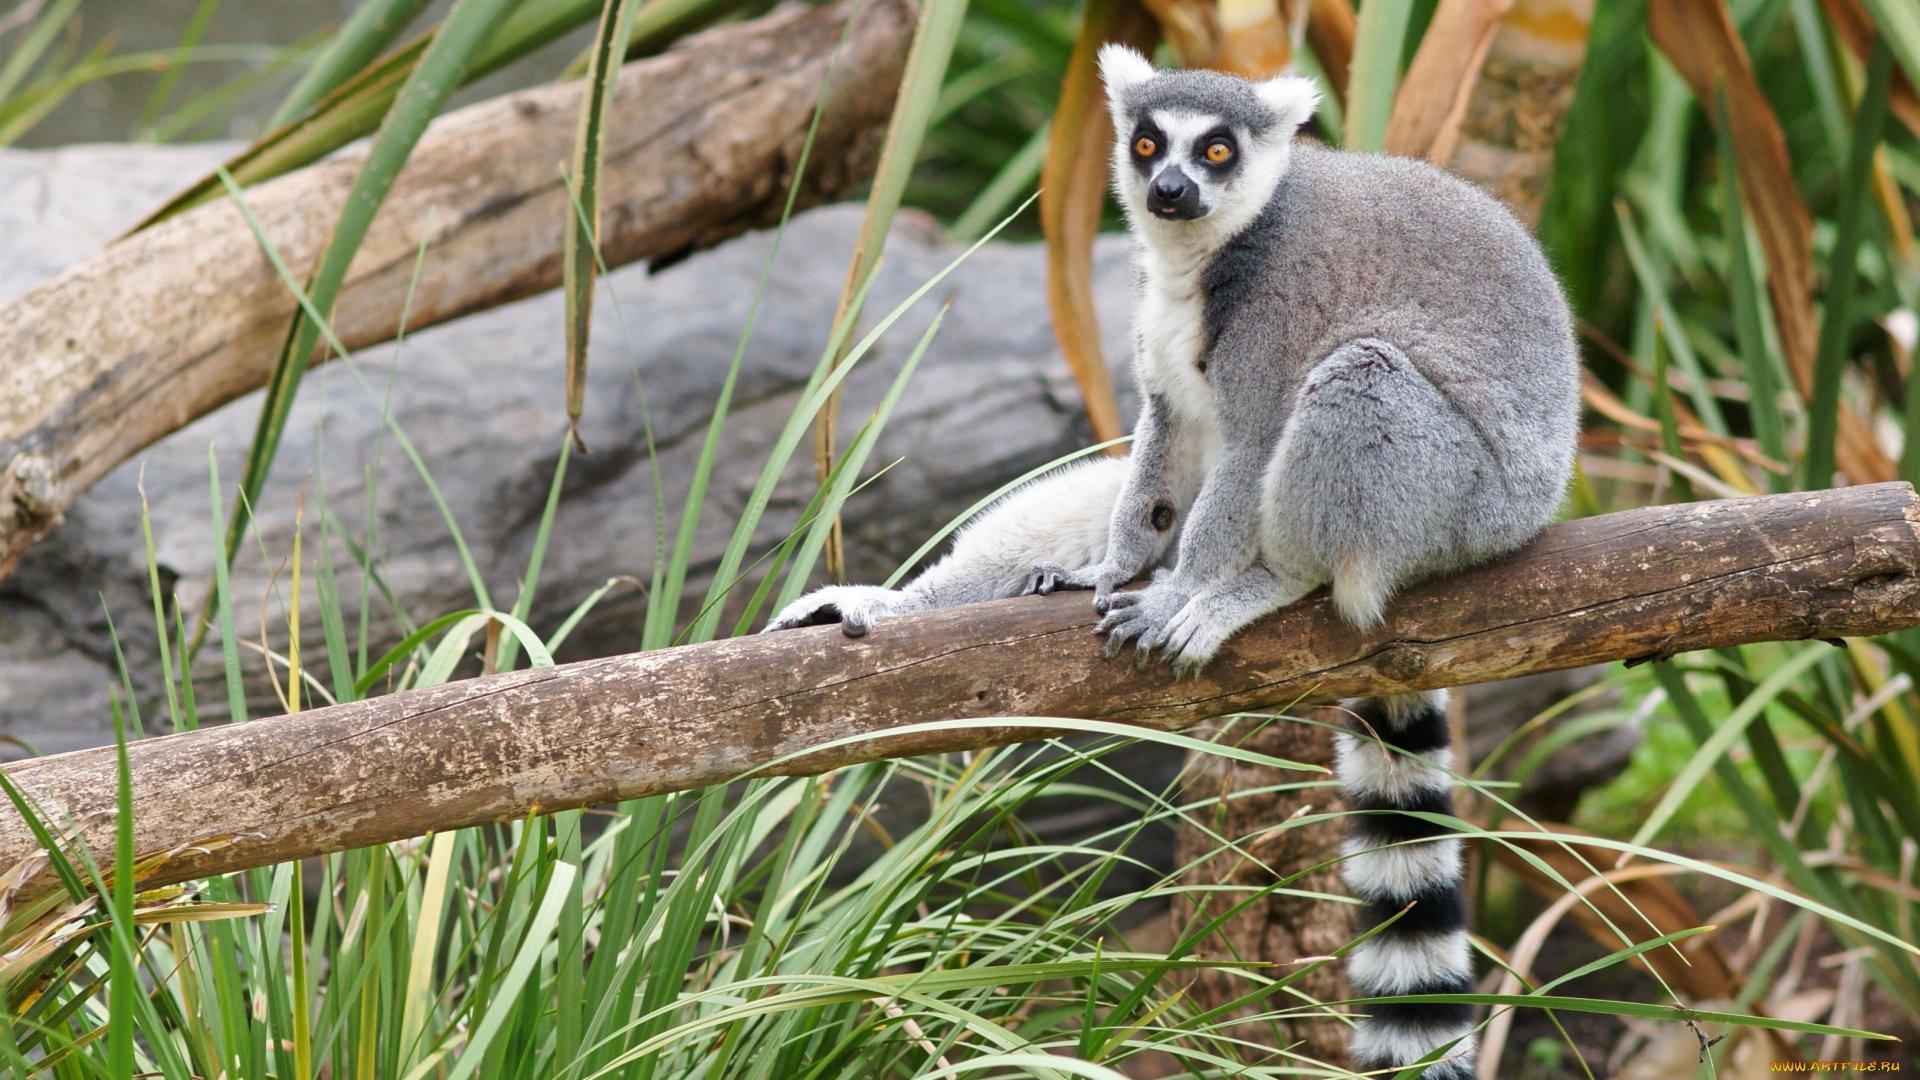 Lemur wallpaper picture hd